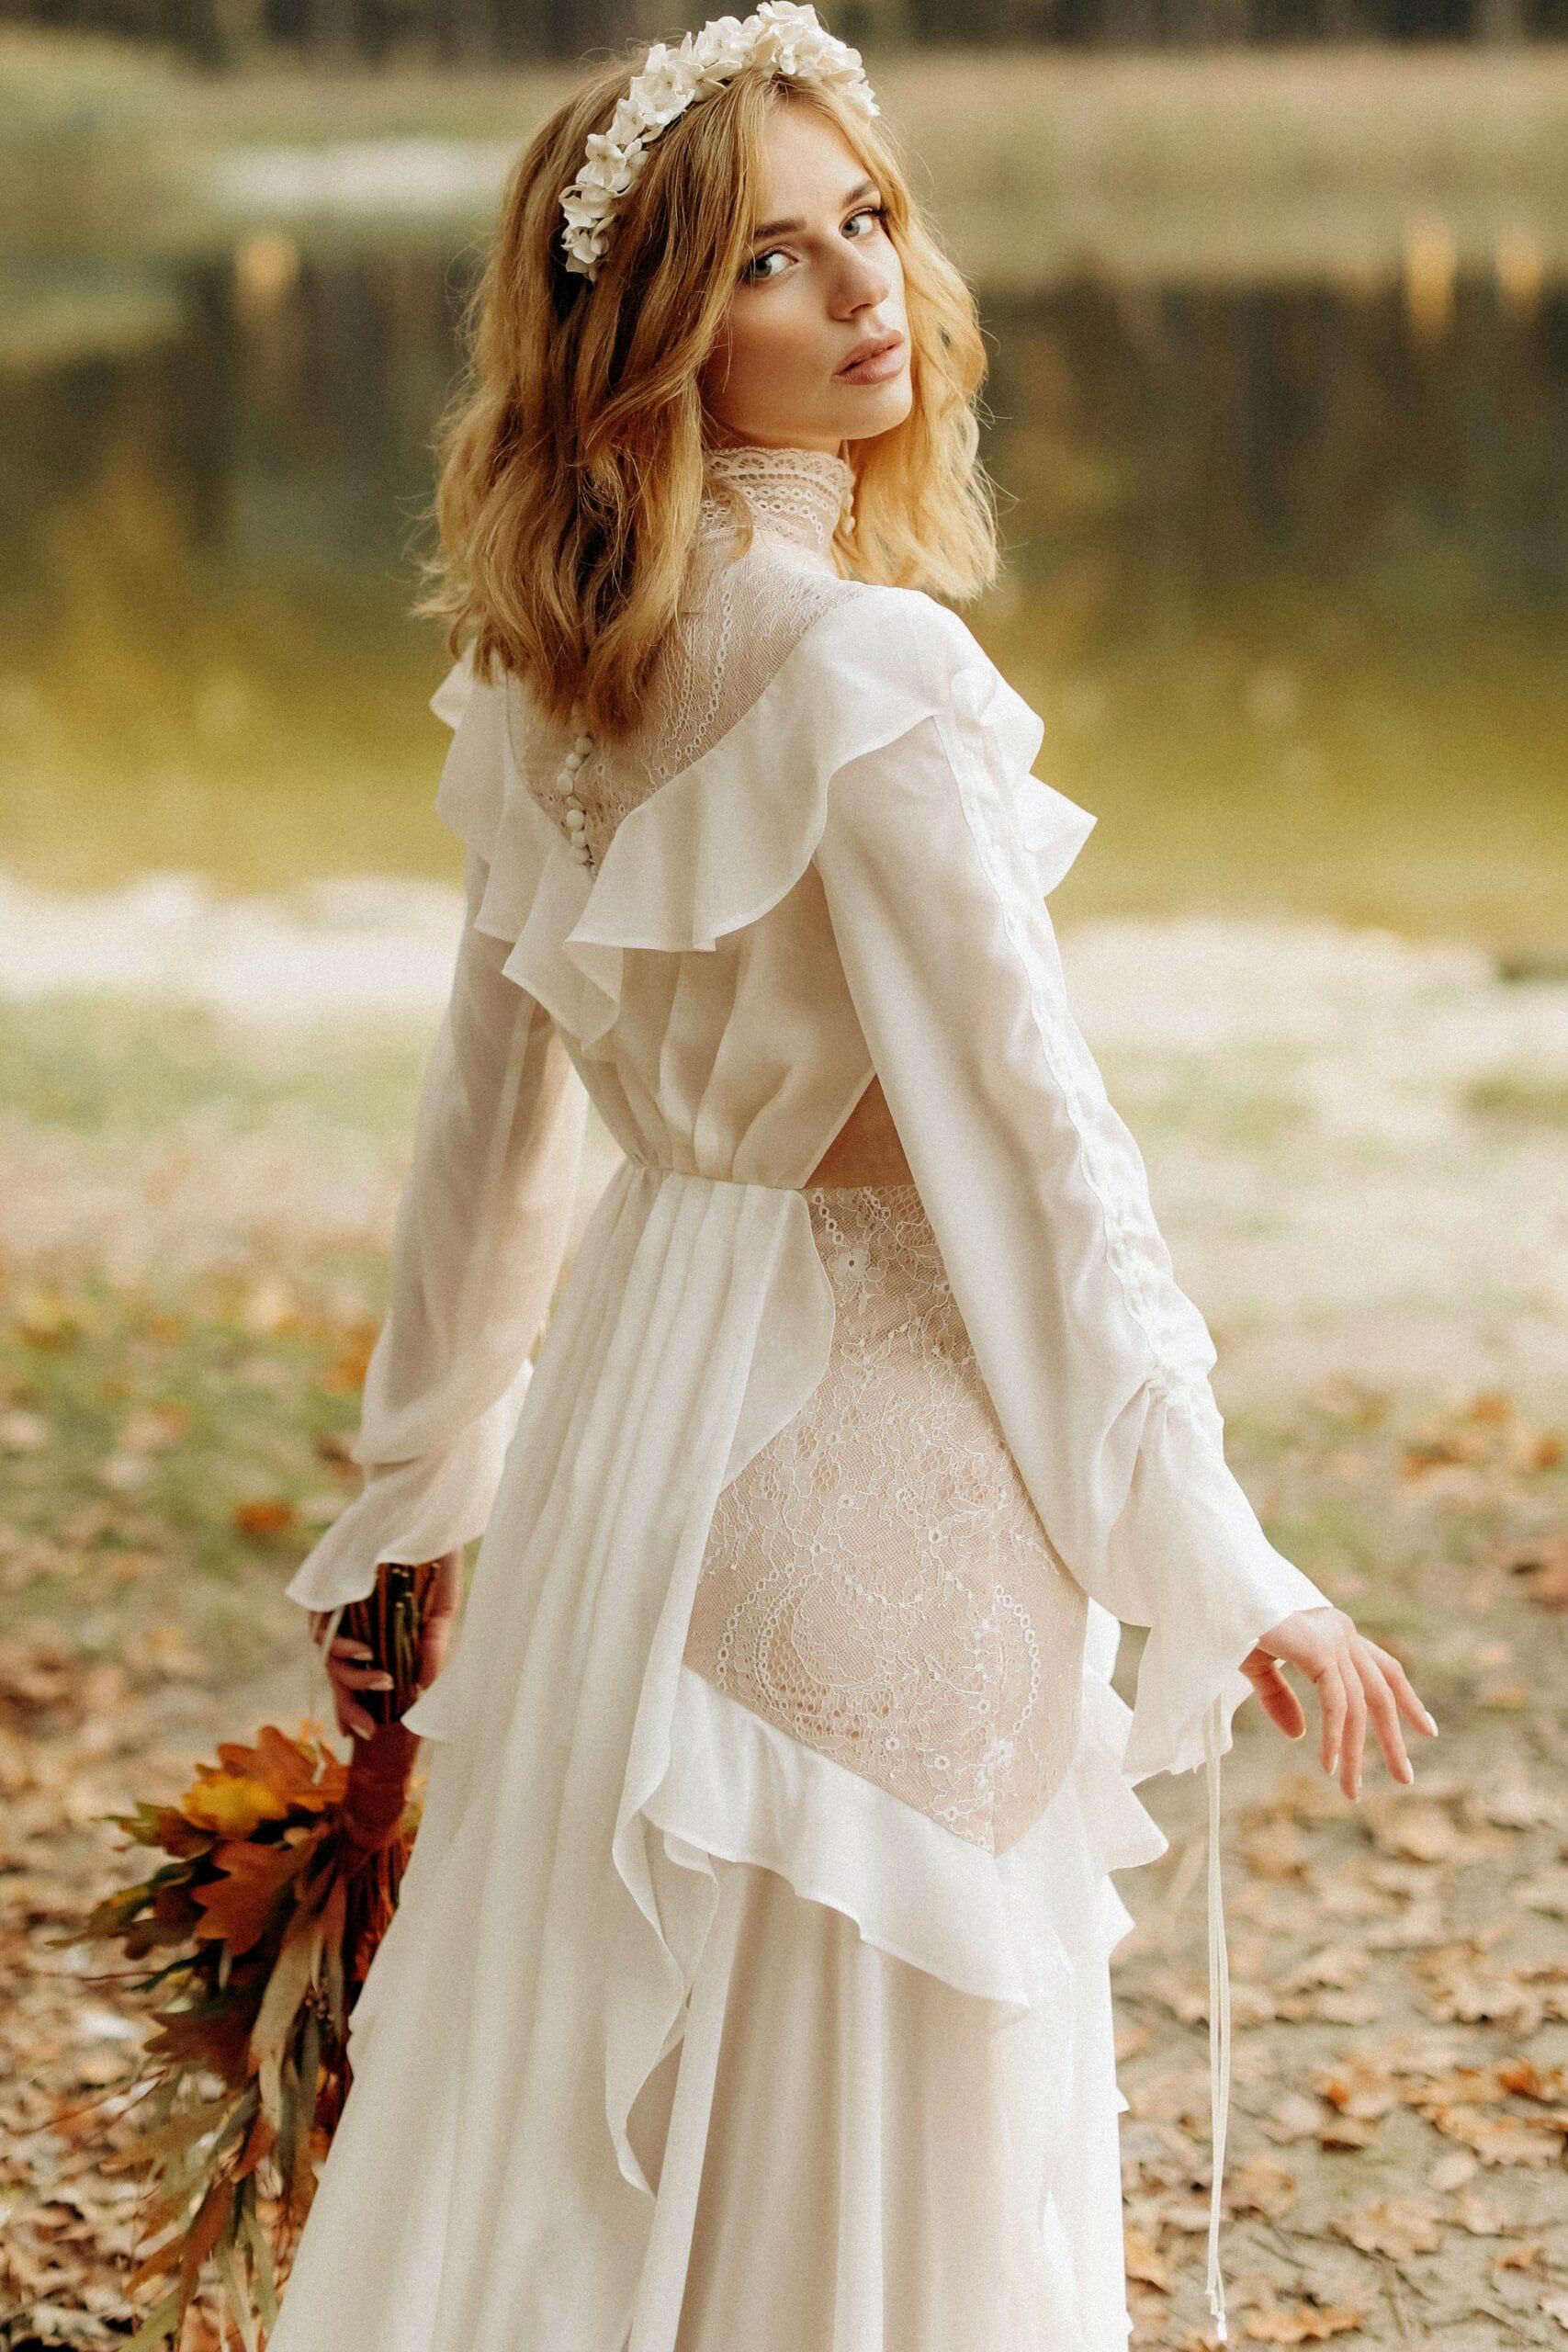 Свадебное платье прямого силуэта, стиль рустик, цвет молочный нюдовый, бренд LORA SONG, коллекция Bohemiam Of Wildlife, имя Crystal